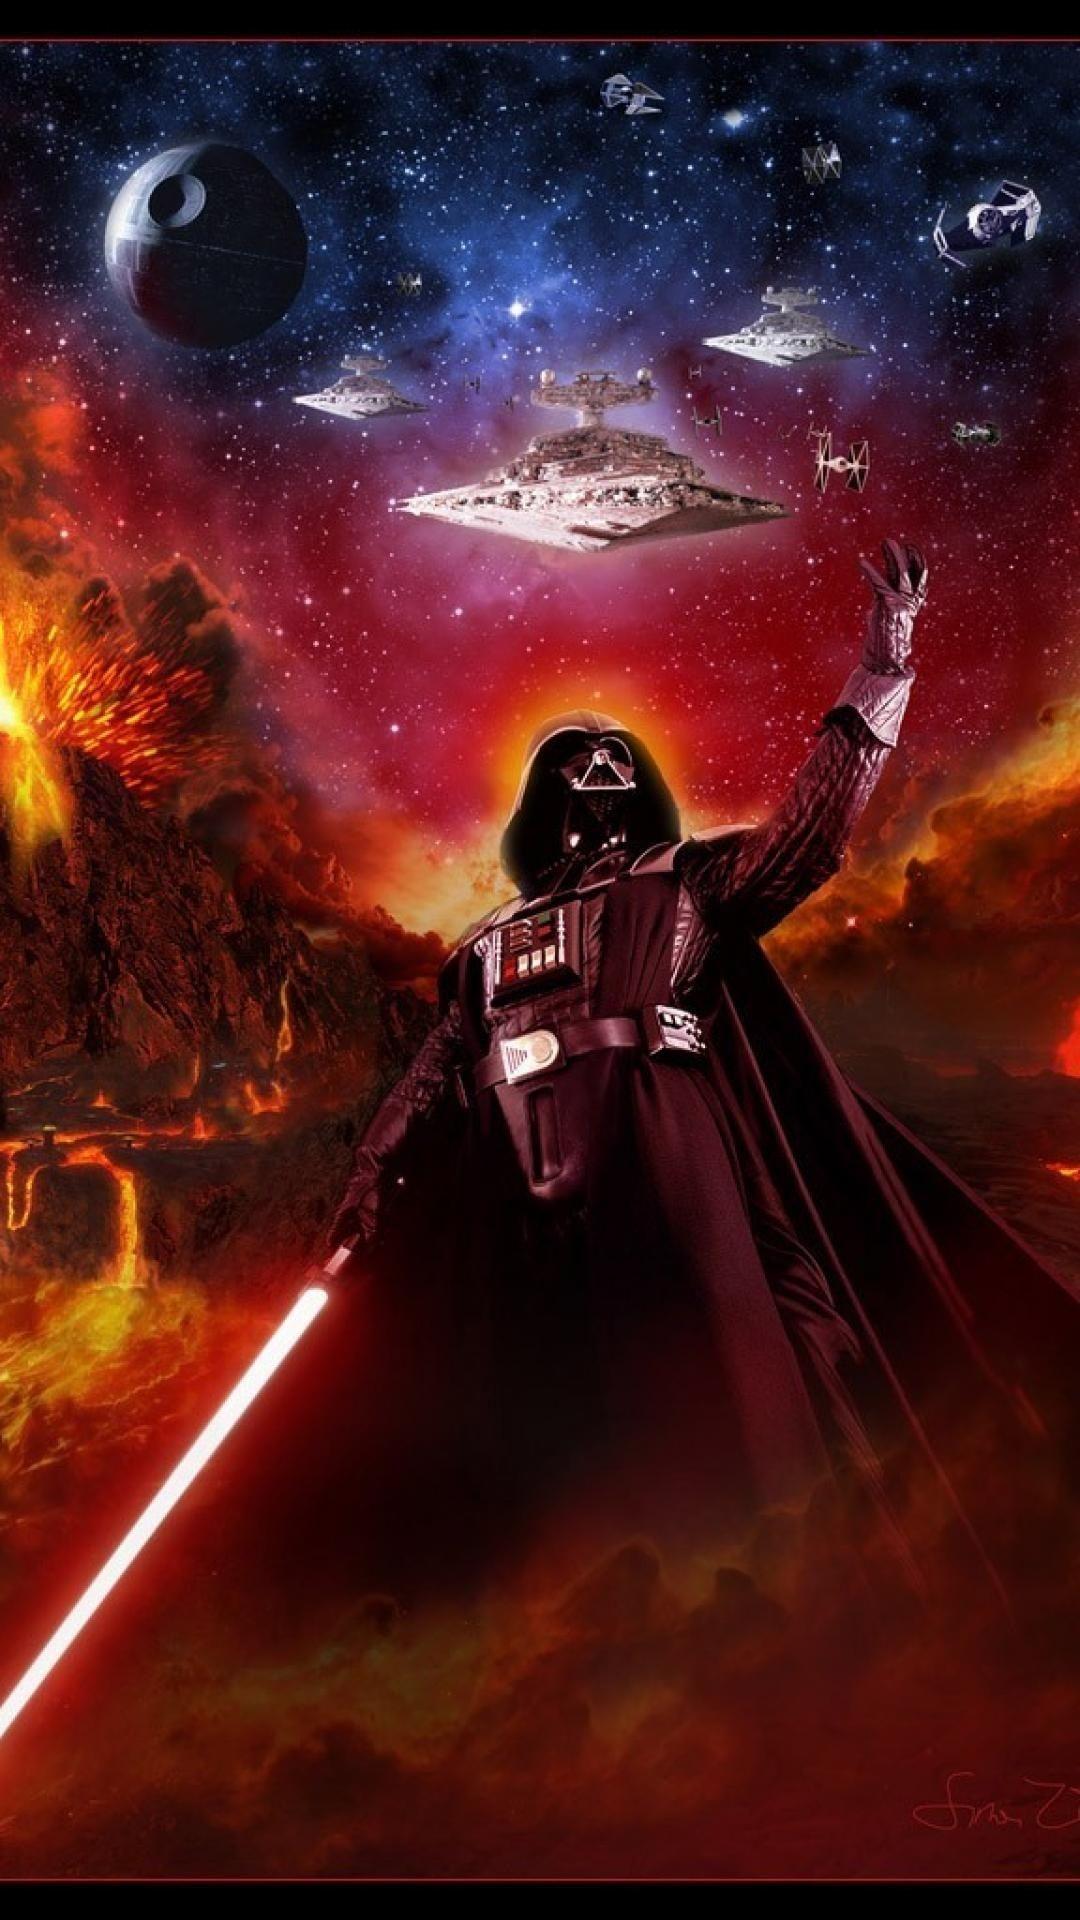 Star Wars 7 Wallpaper Hd Iphone 6